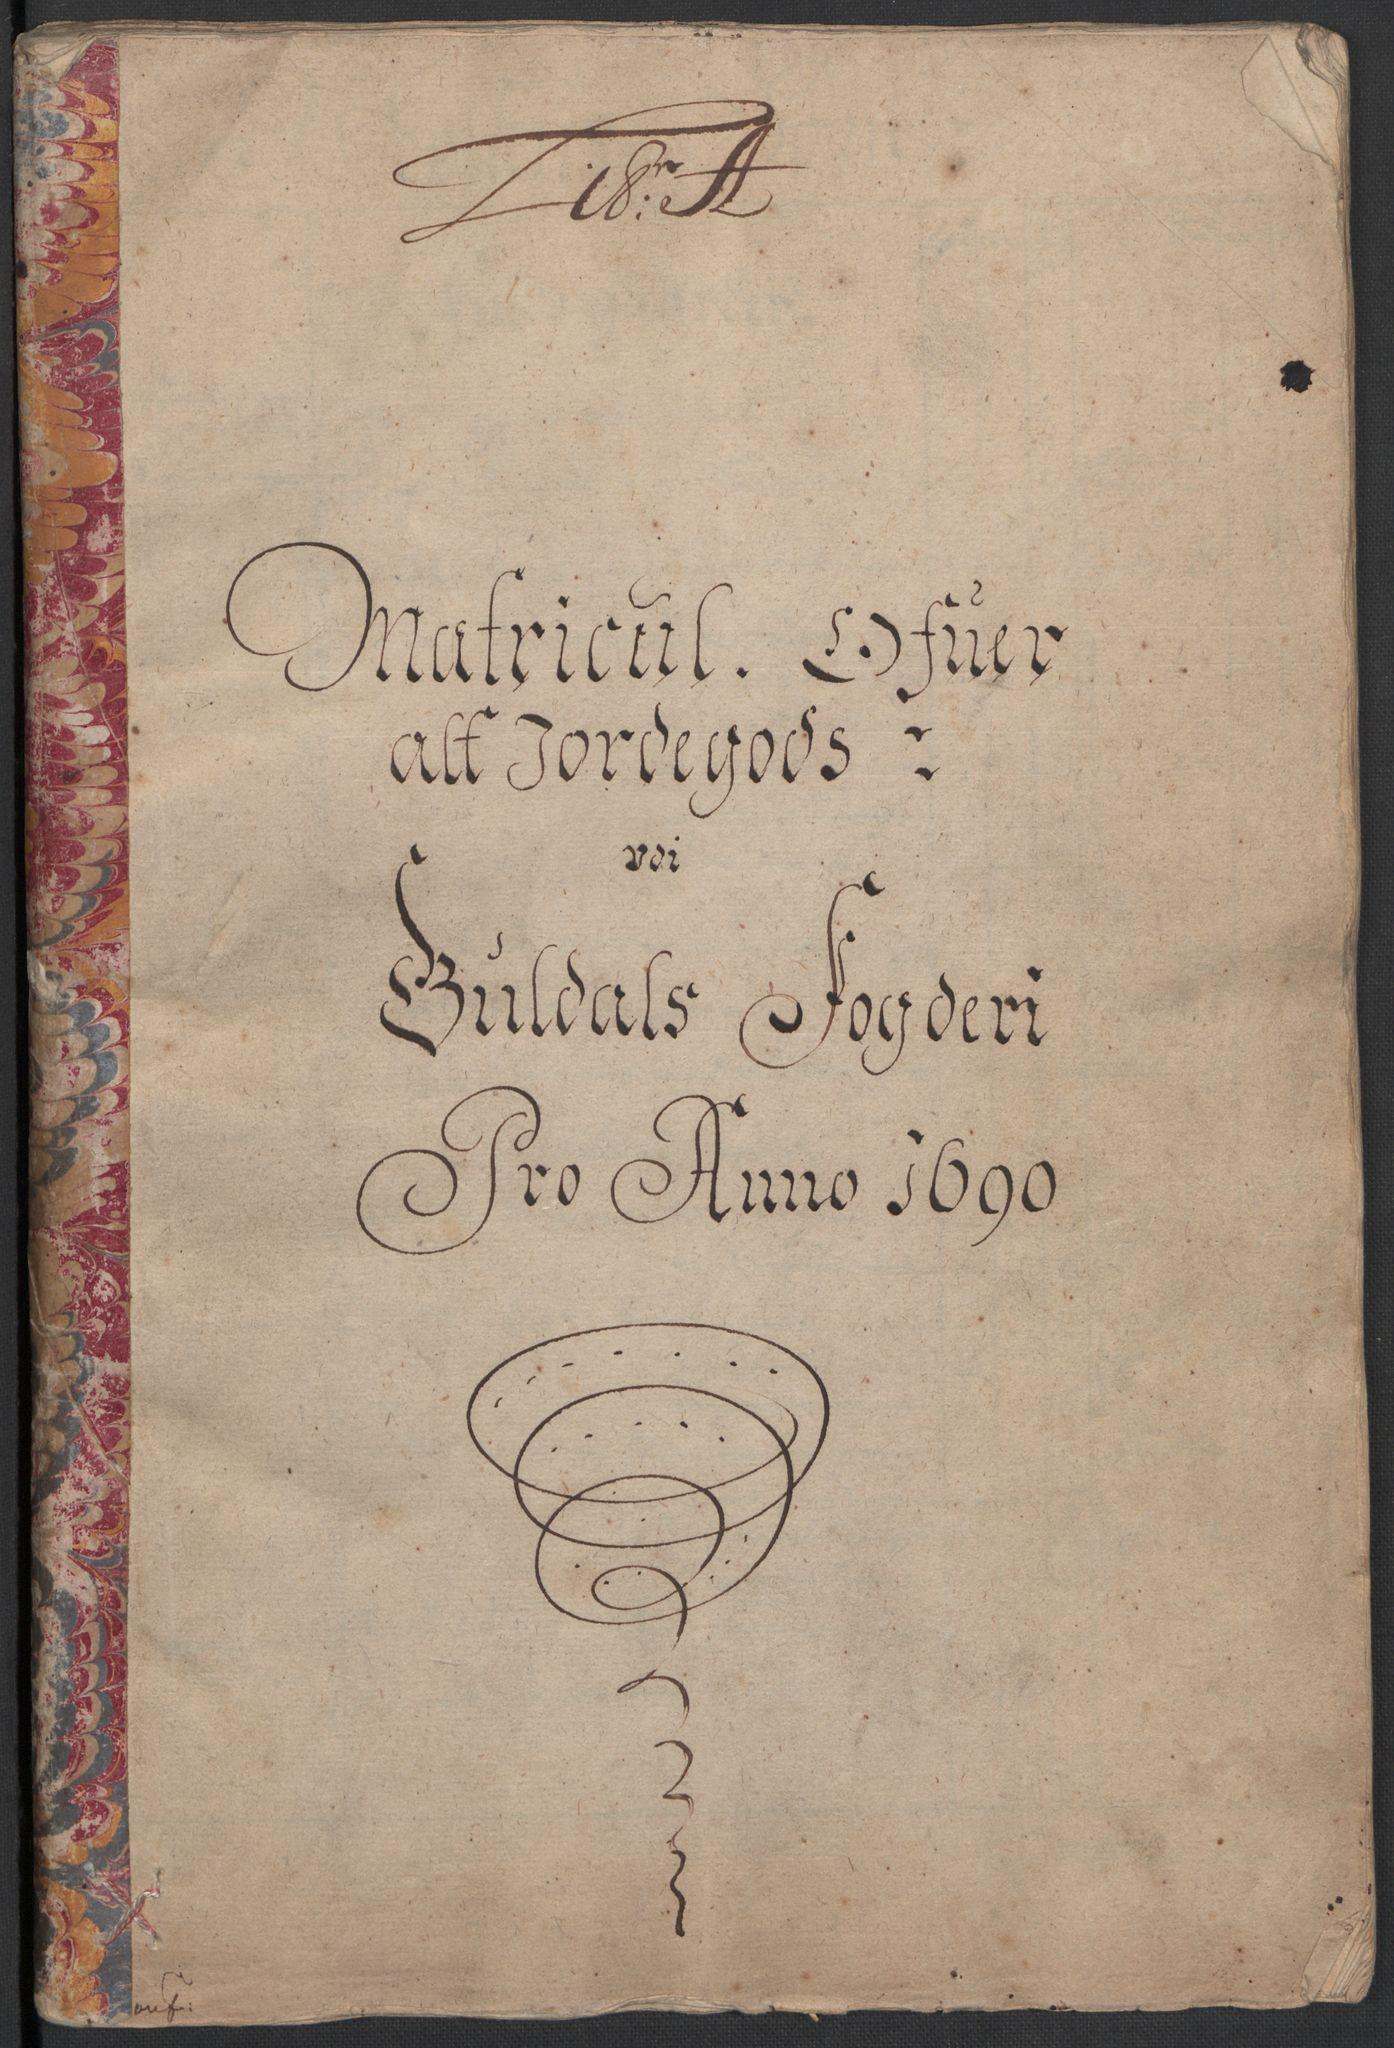 RA, Rentekammeret inntil 1814, Reviderte regnskaper, Fogderegnskap, R59/L3940: Fogderegnskap Gauldal, 1689-1690, s. 193